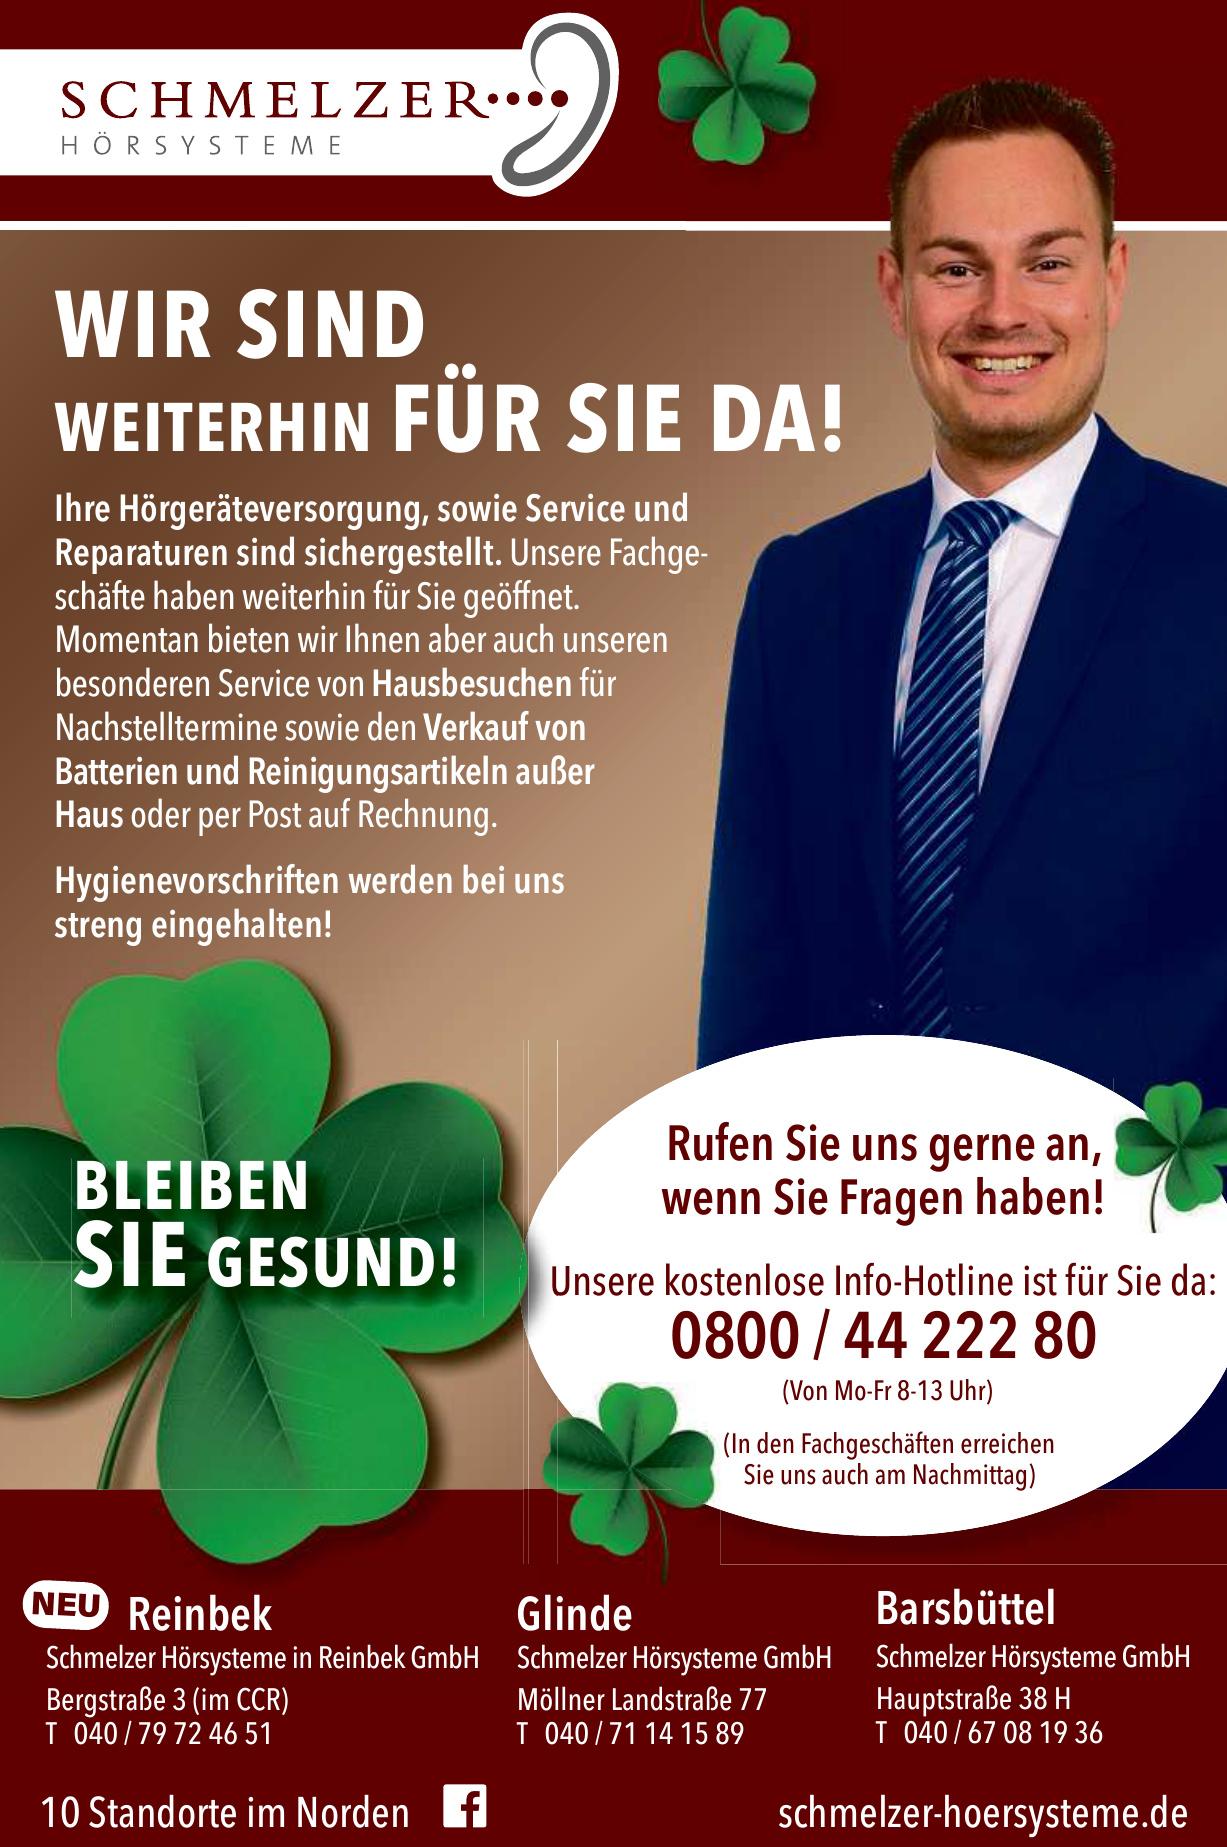 Schmelzer Hörsysteme GmbH